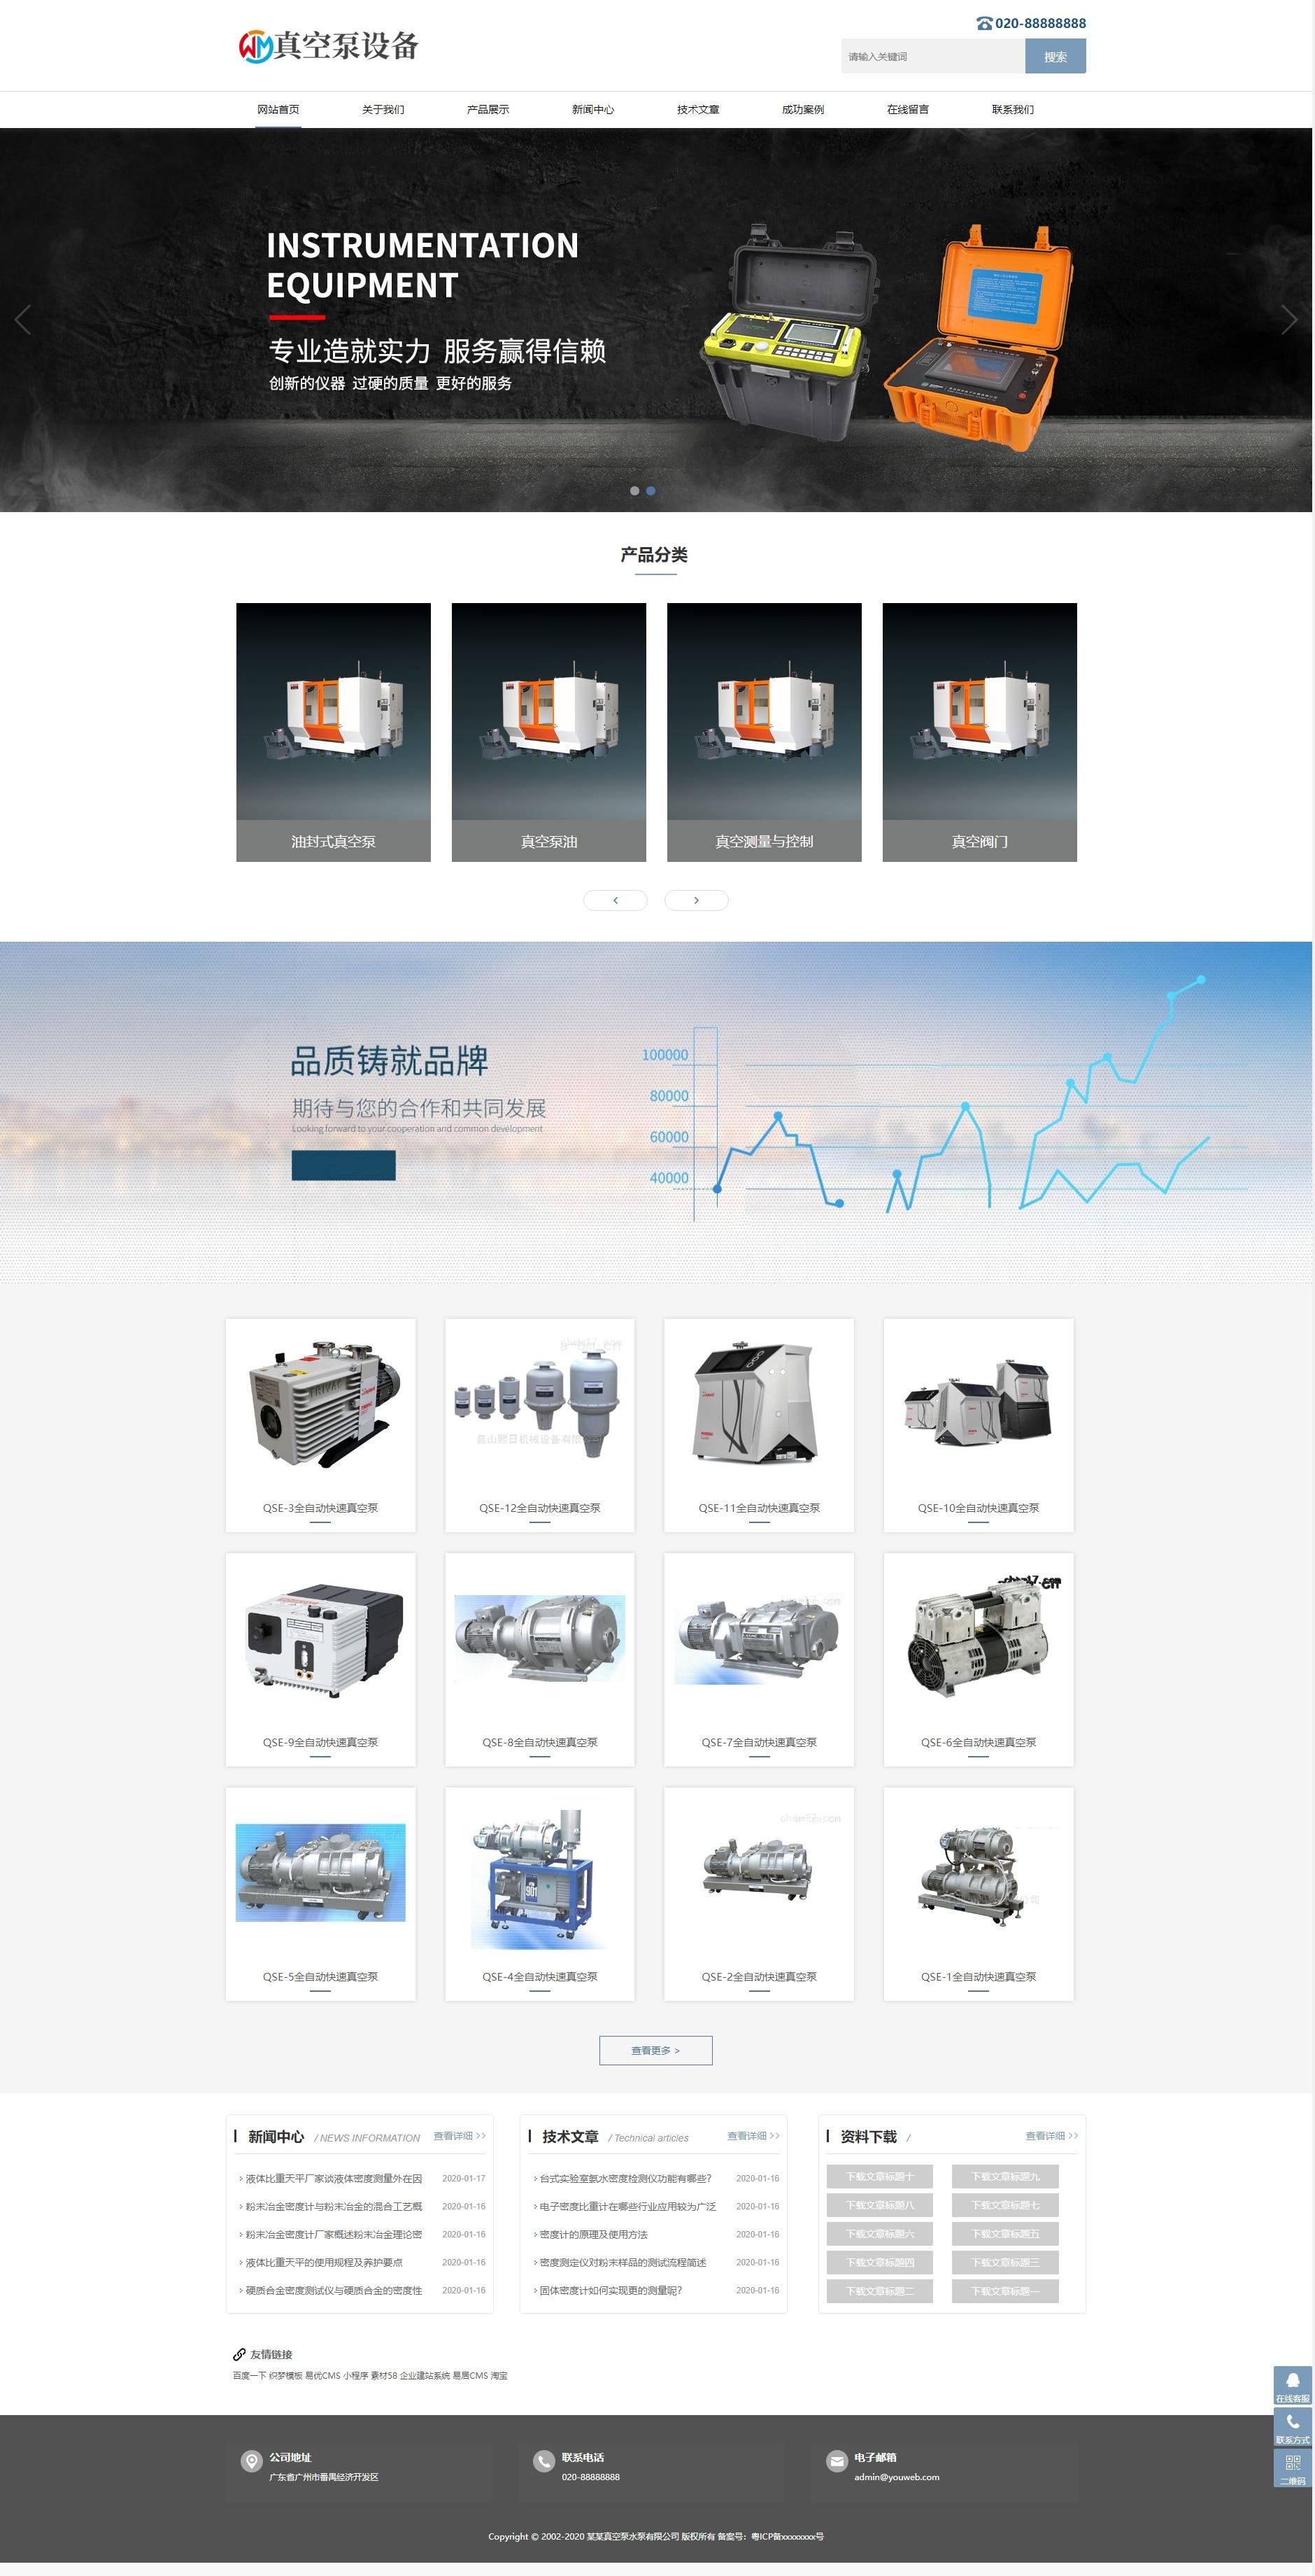 响应式真空泵水泵设备类网站筱航CMS模板(自适应)